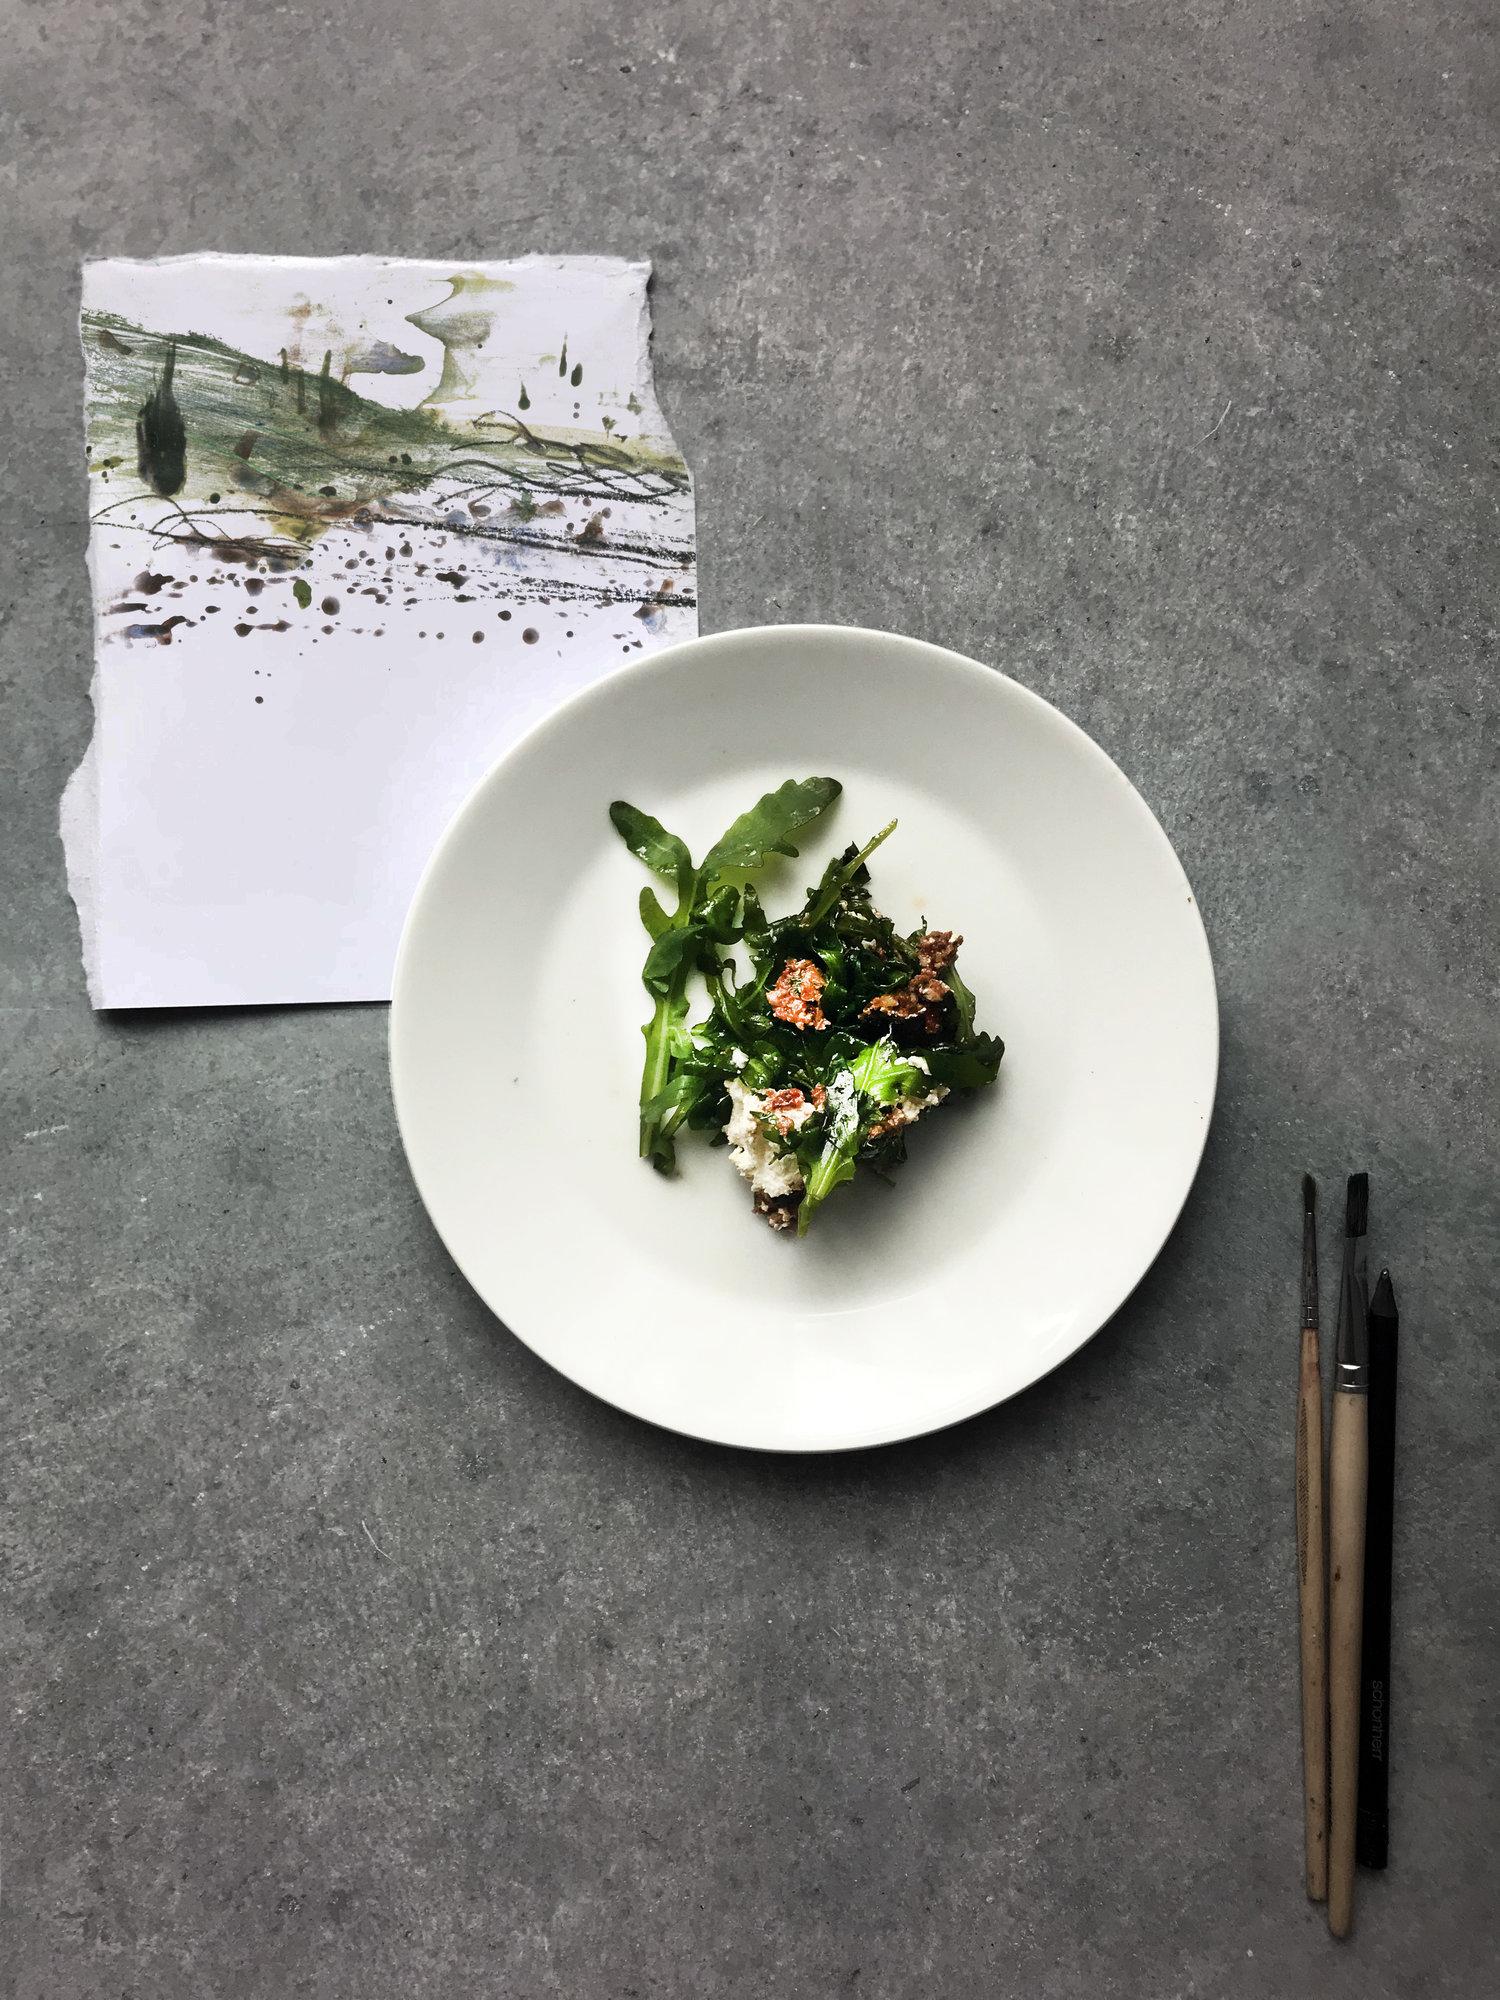 Notizen aus Italien: Rucolasalat, im Ofen gebackener Ricotta, Getrocknete-Tomaten-Nuss-Pesto.